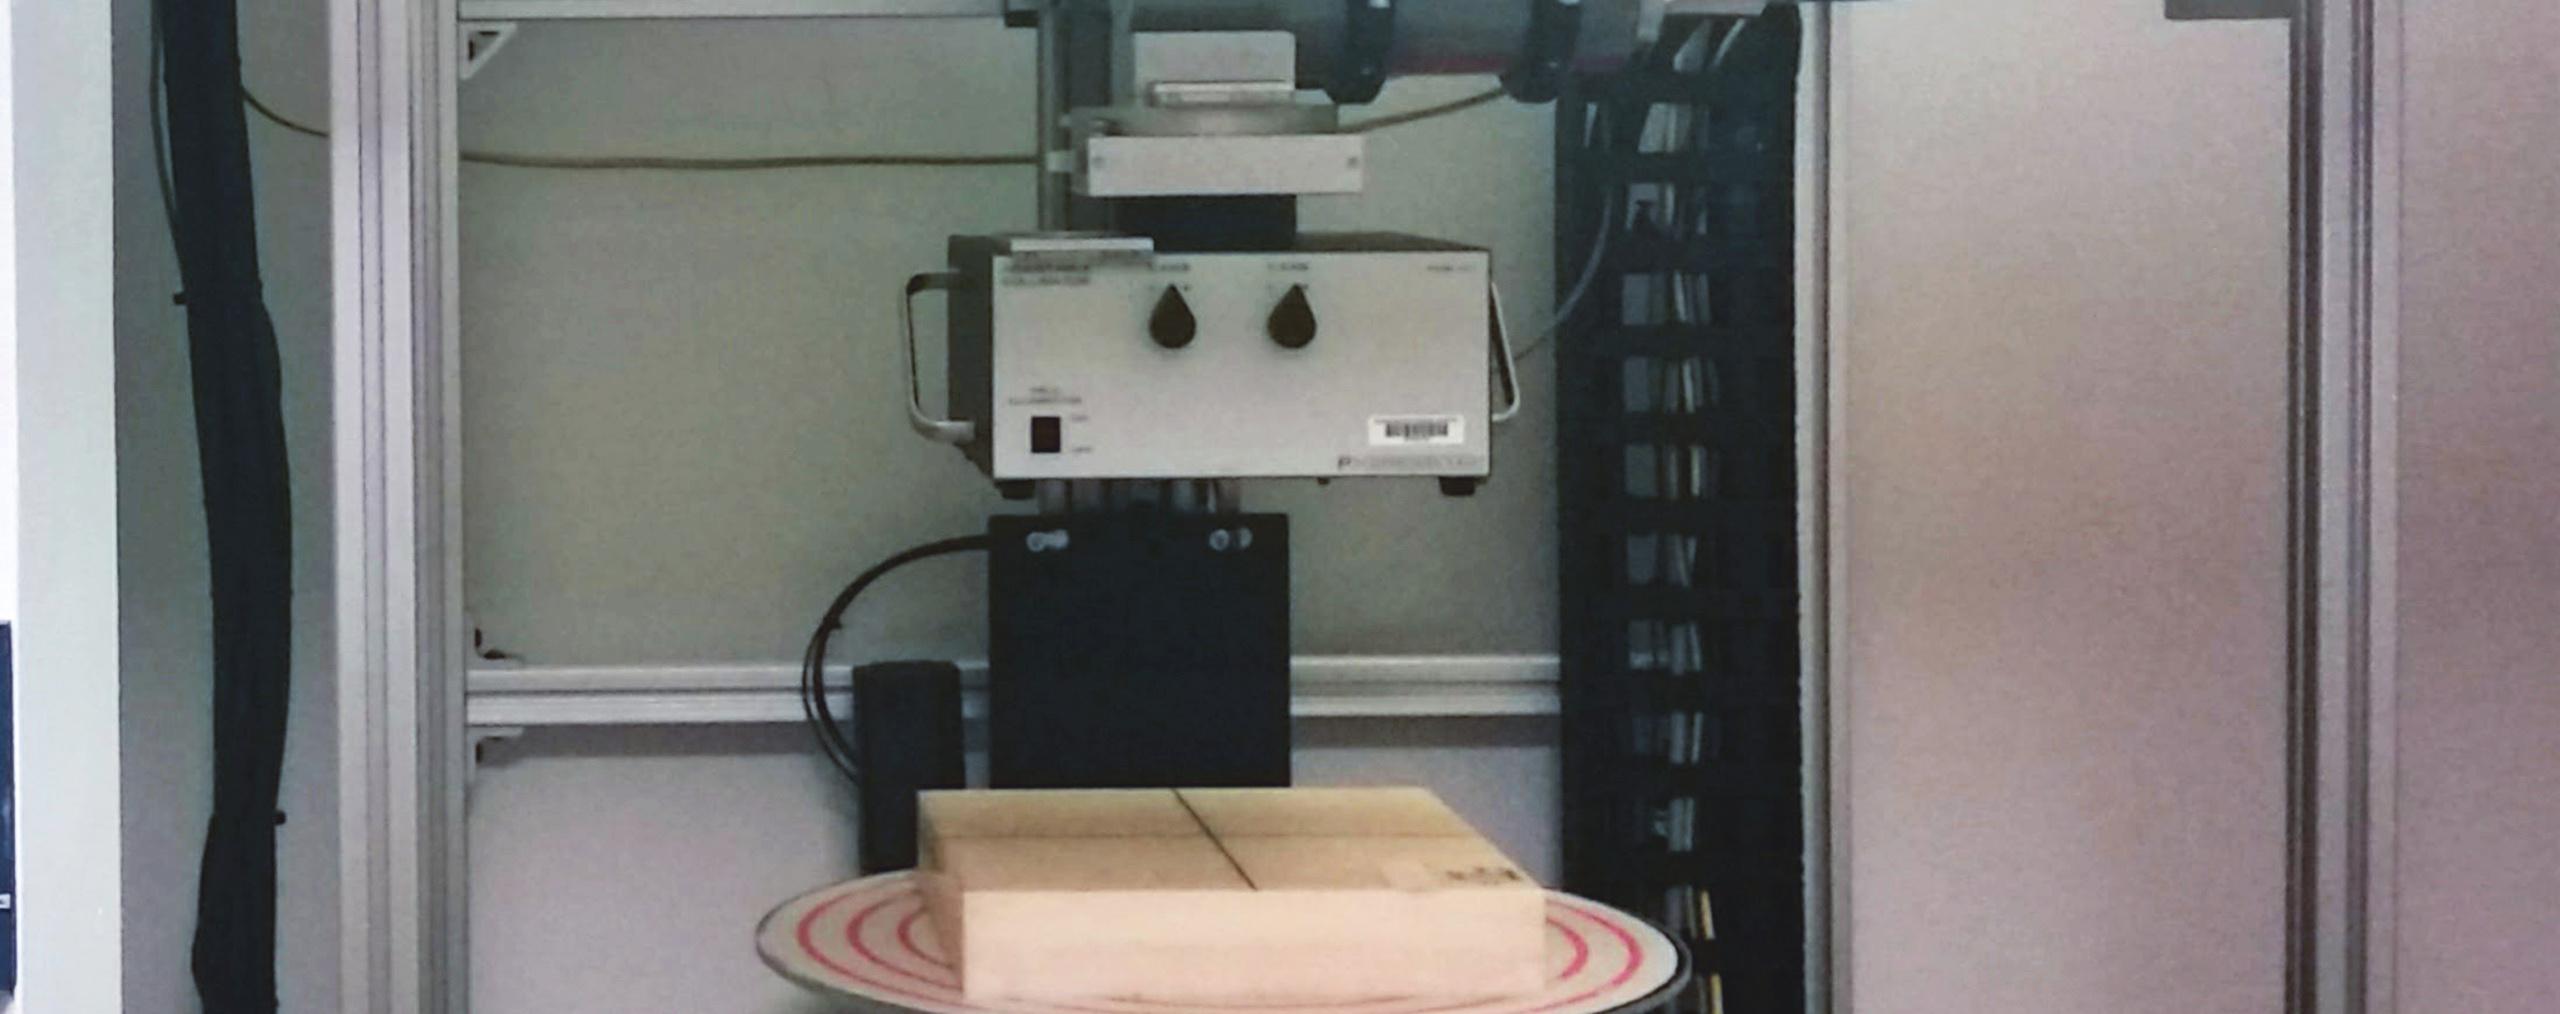 Precision X-Ray Unit